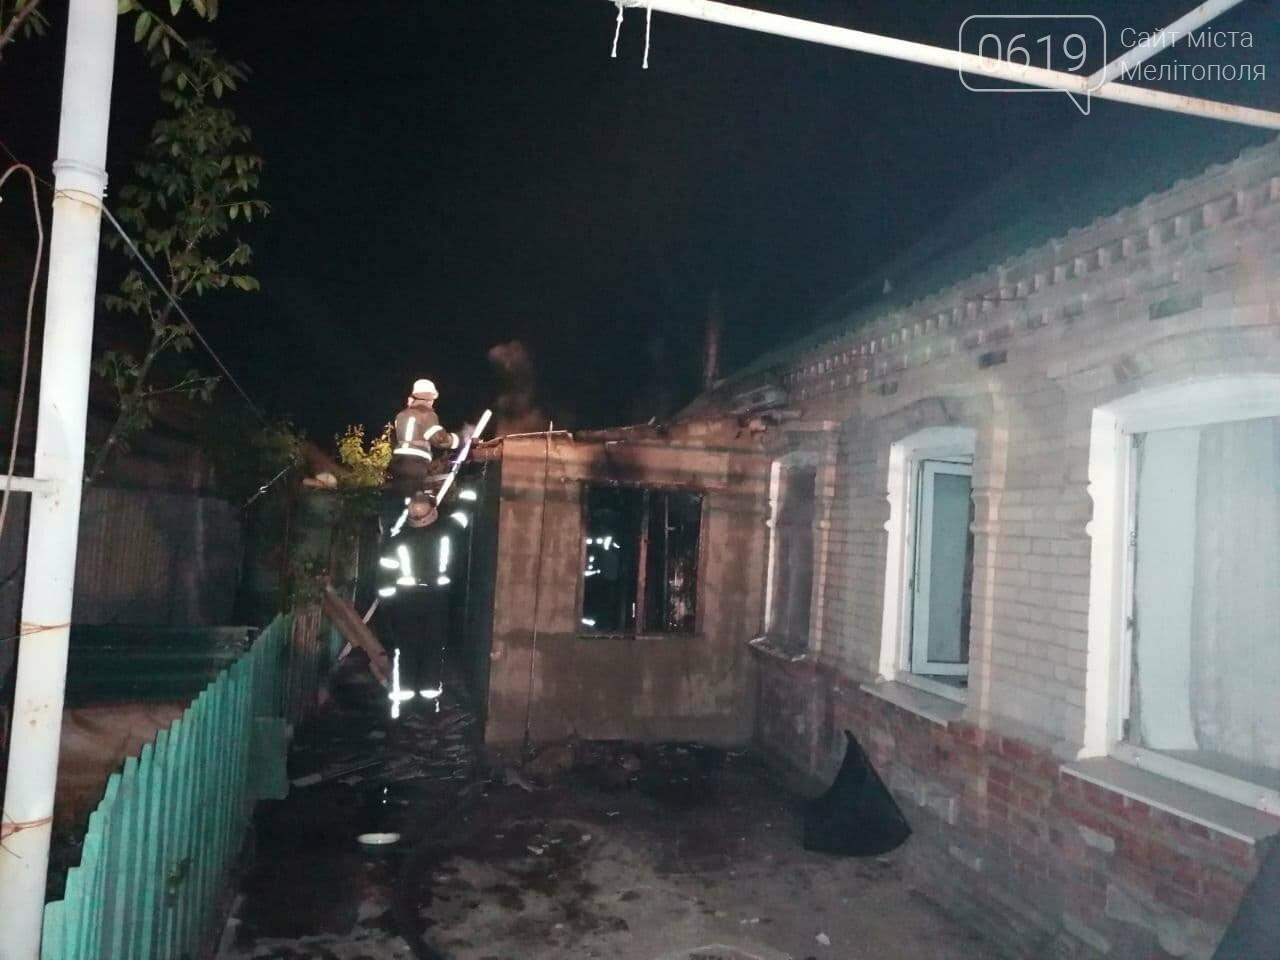 В субботу в Мелитополе произошел пожар в частном доме, фото-3